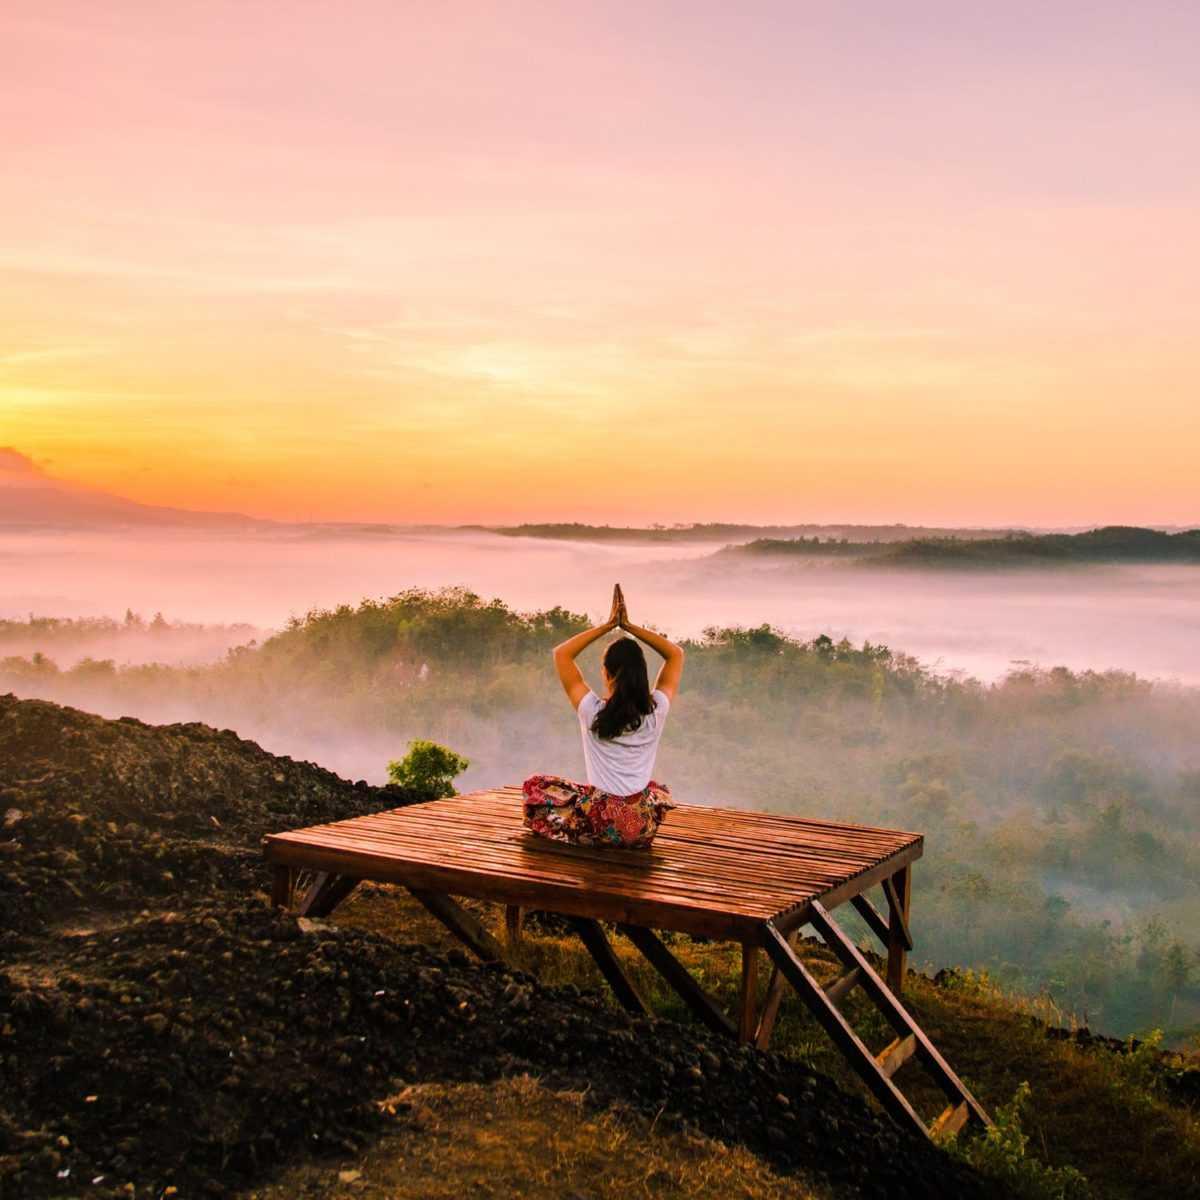 Приложения для медитаций - способ обрести спокойствие дома